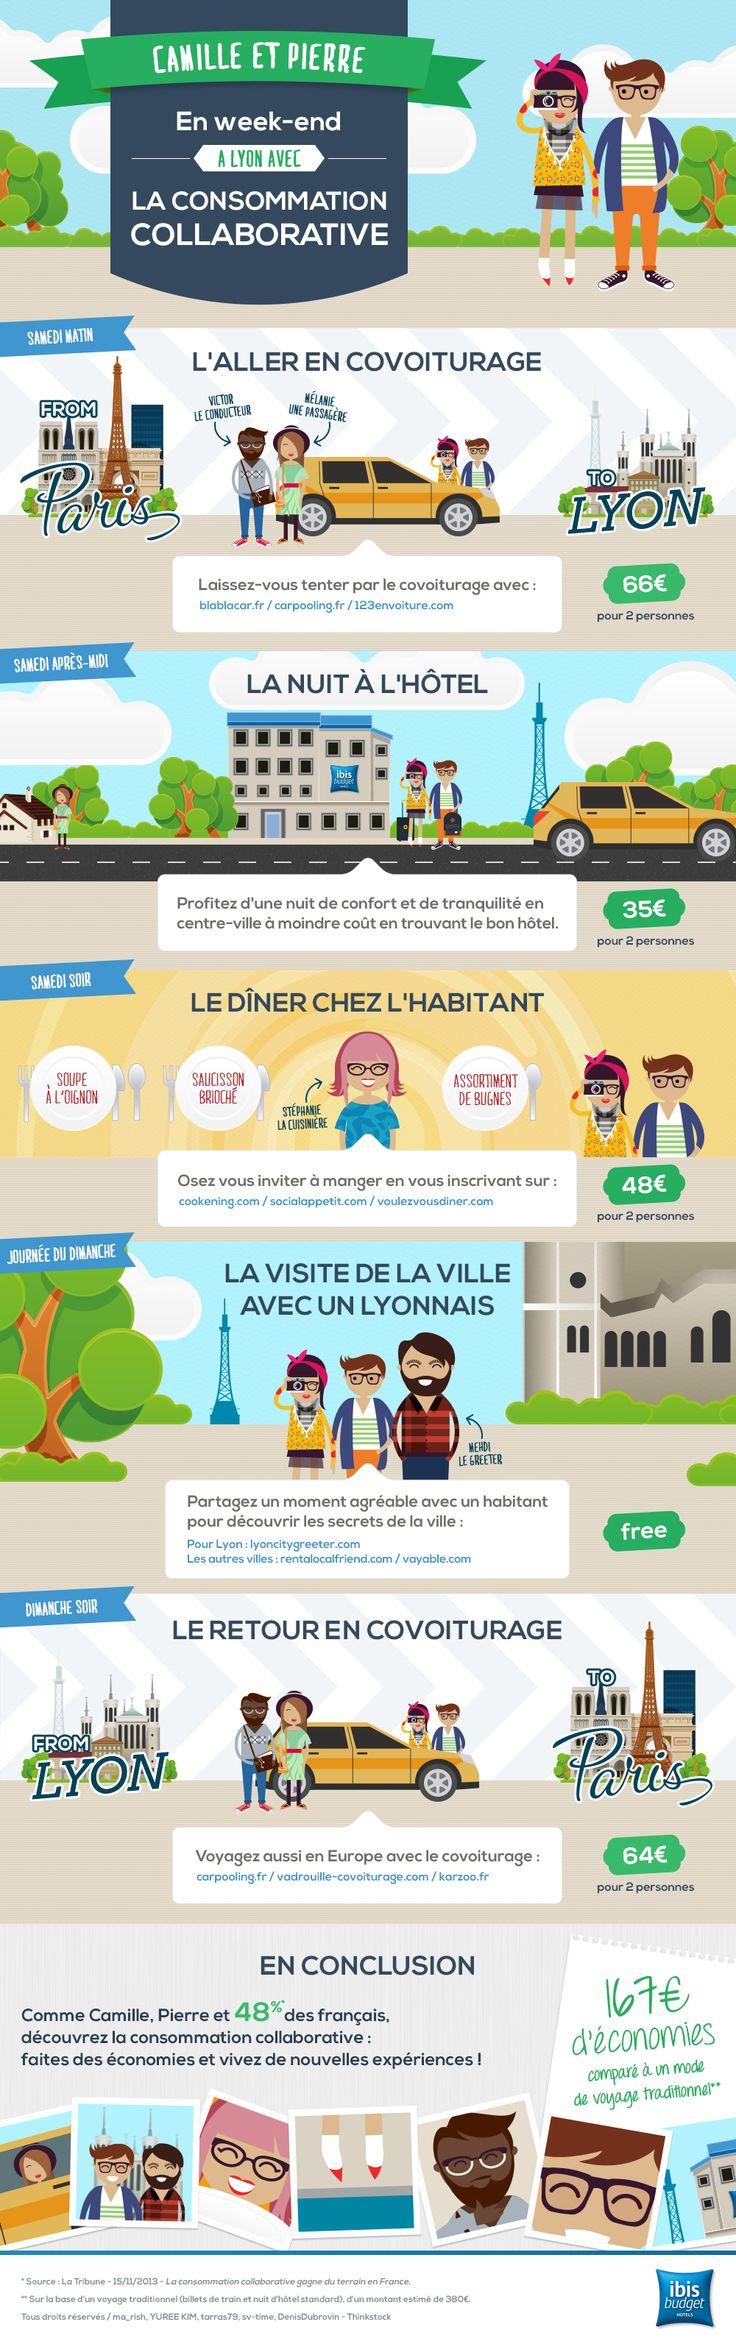 [Infographie] Le Week-End Consommation Collaborative de Camille et Pierre - Hôtels Ibis